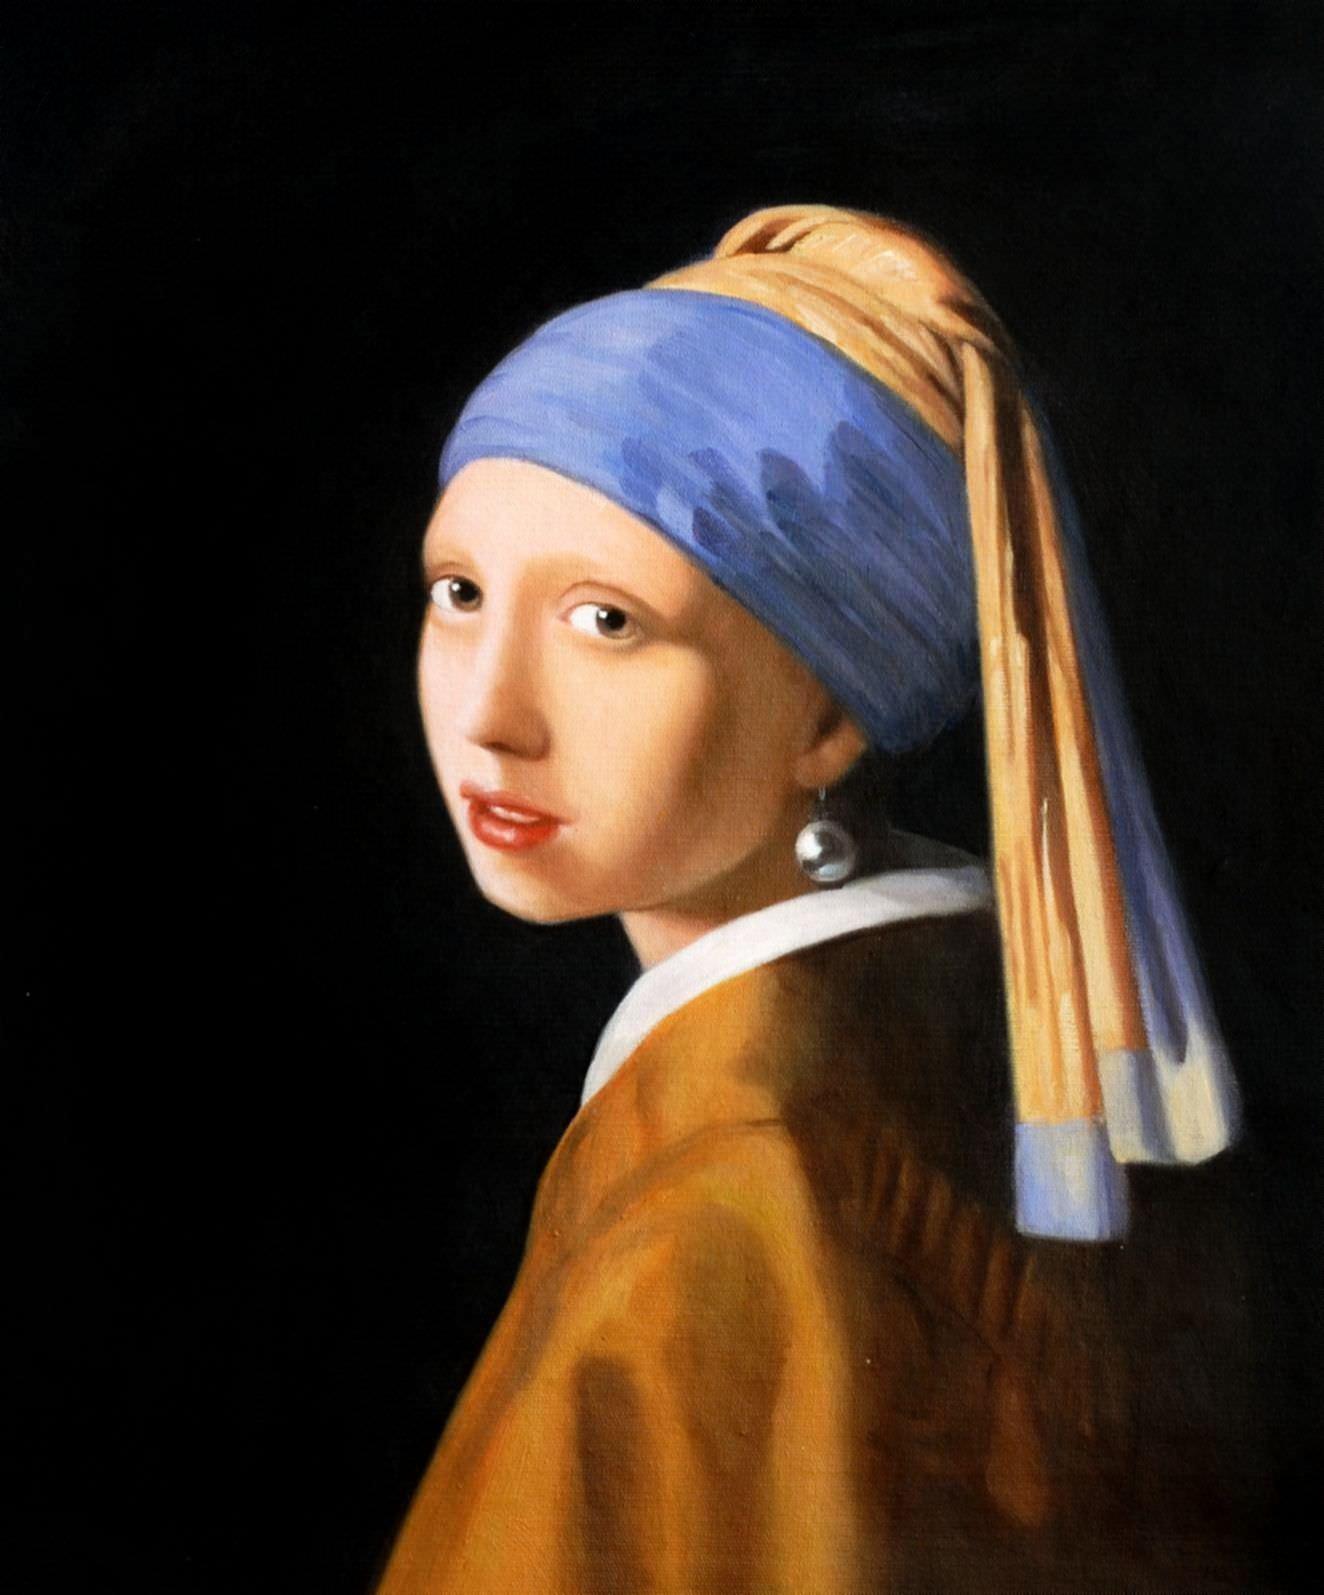 Jan Vermeer - Das Mädchen mit dem Perlenohrring c91532 50x60cm ästhetisches Ölbild